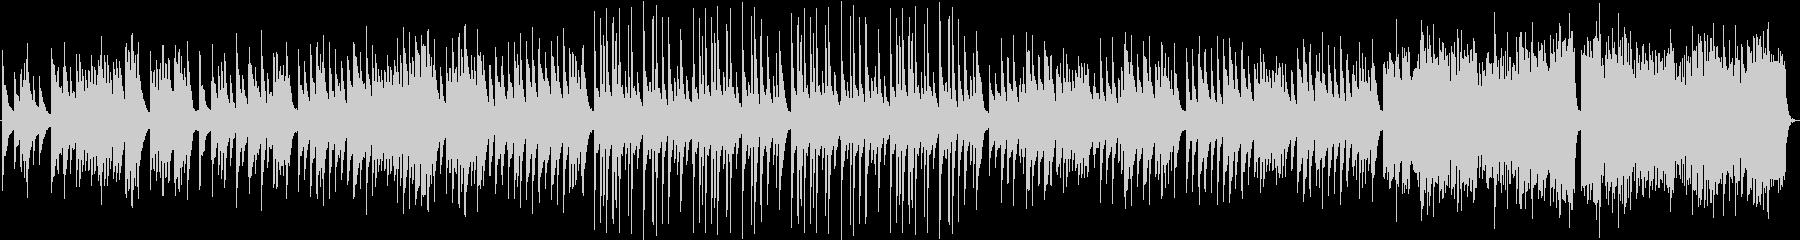 お正月の歌3曲メドレー 琴バージョンの未再生の波形